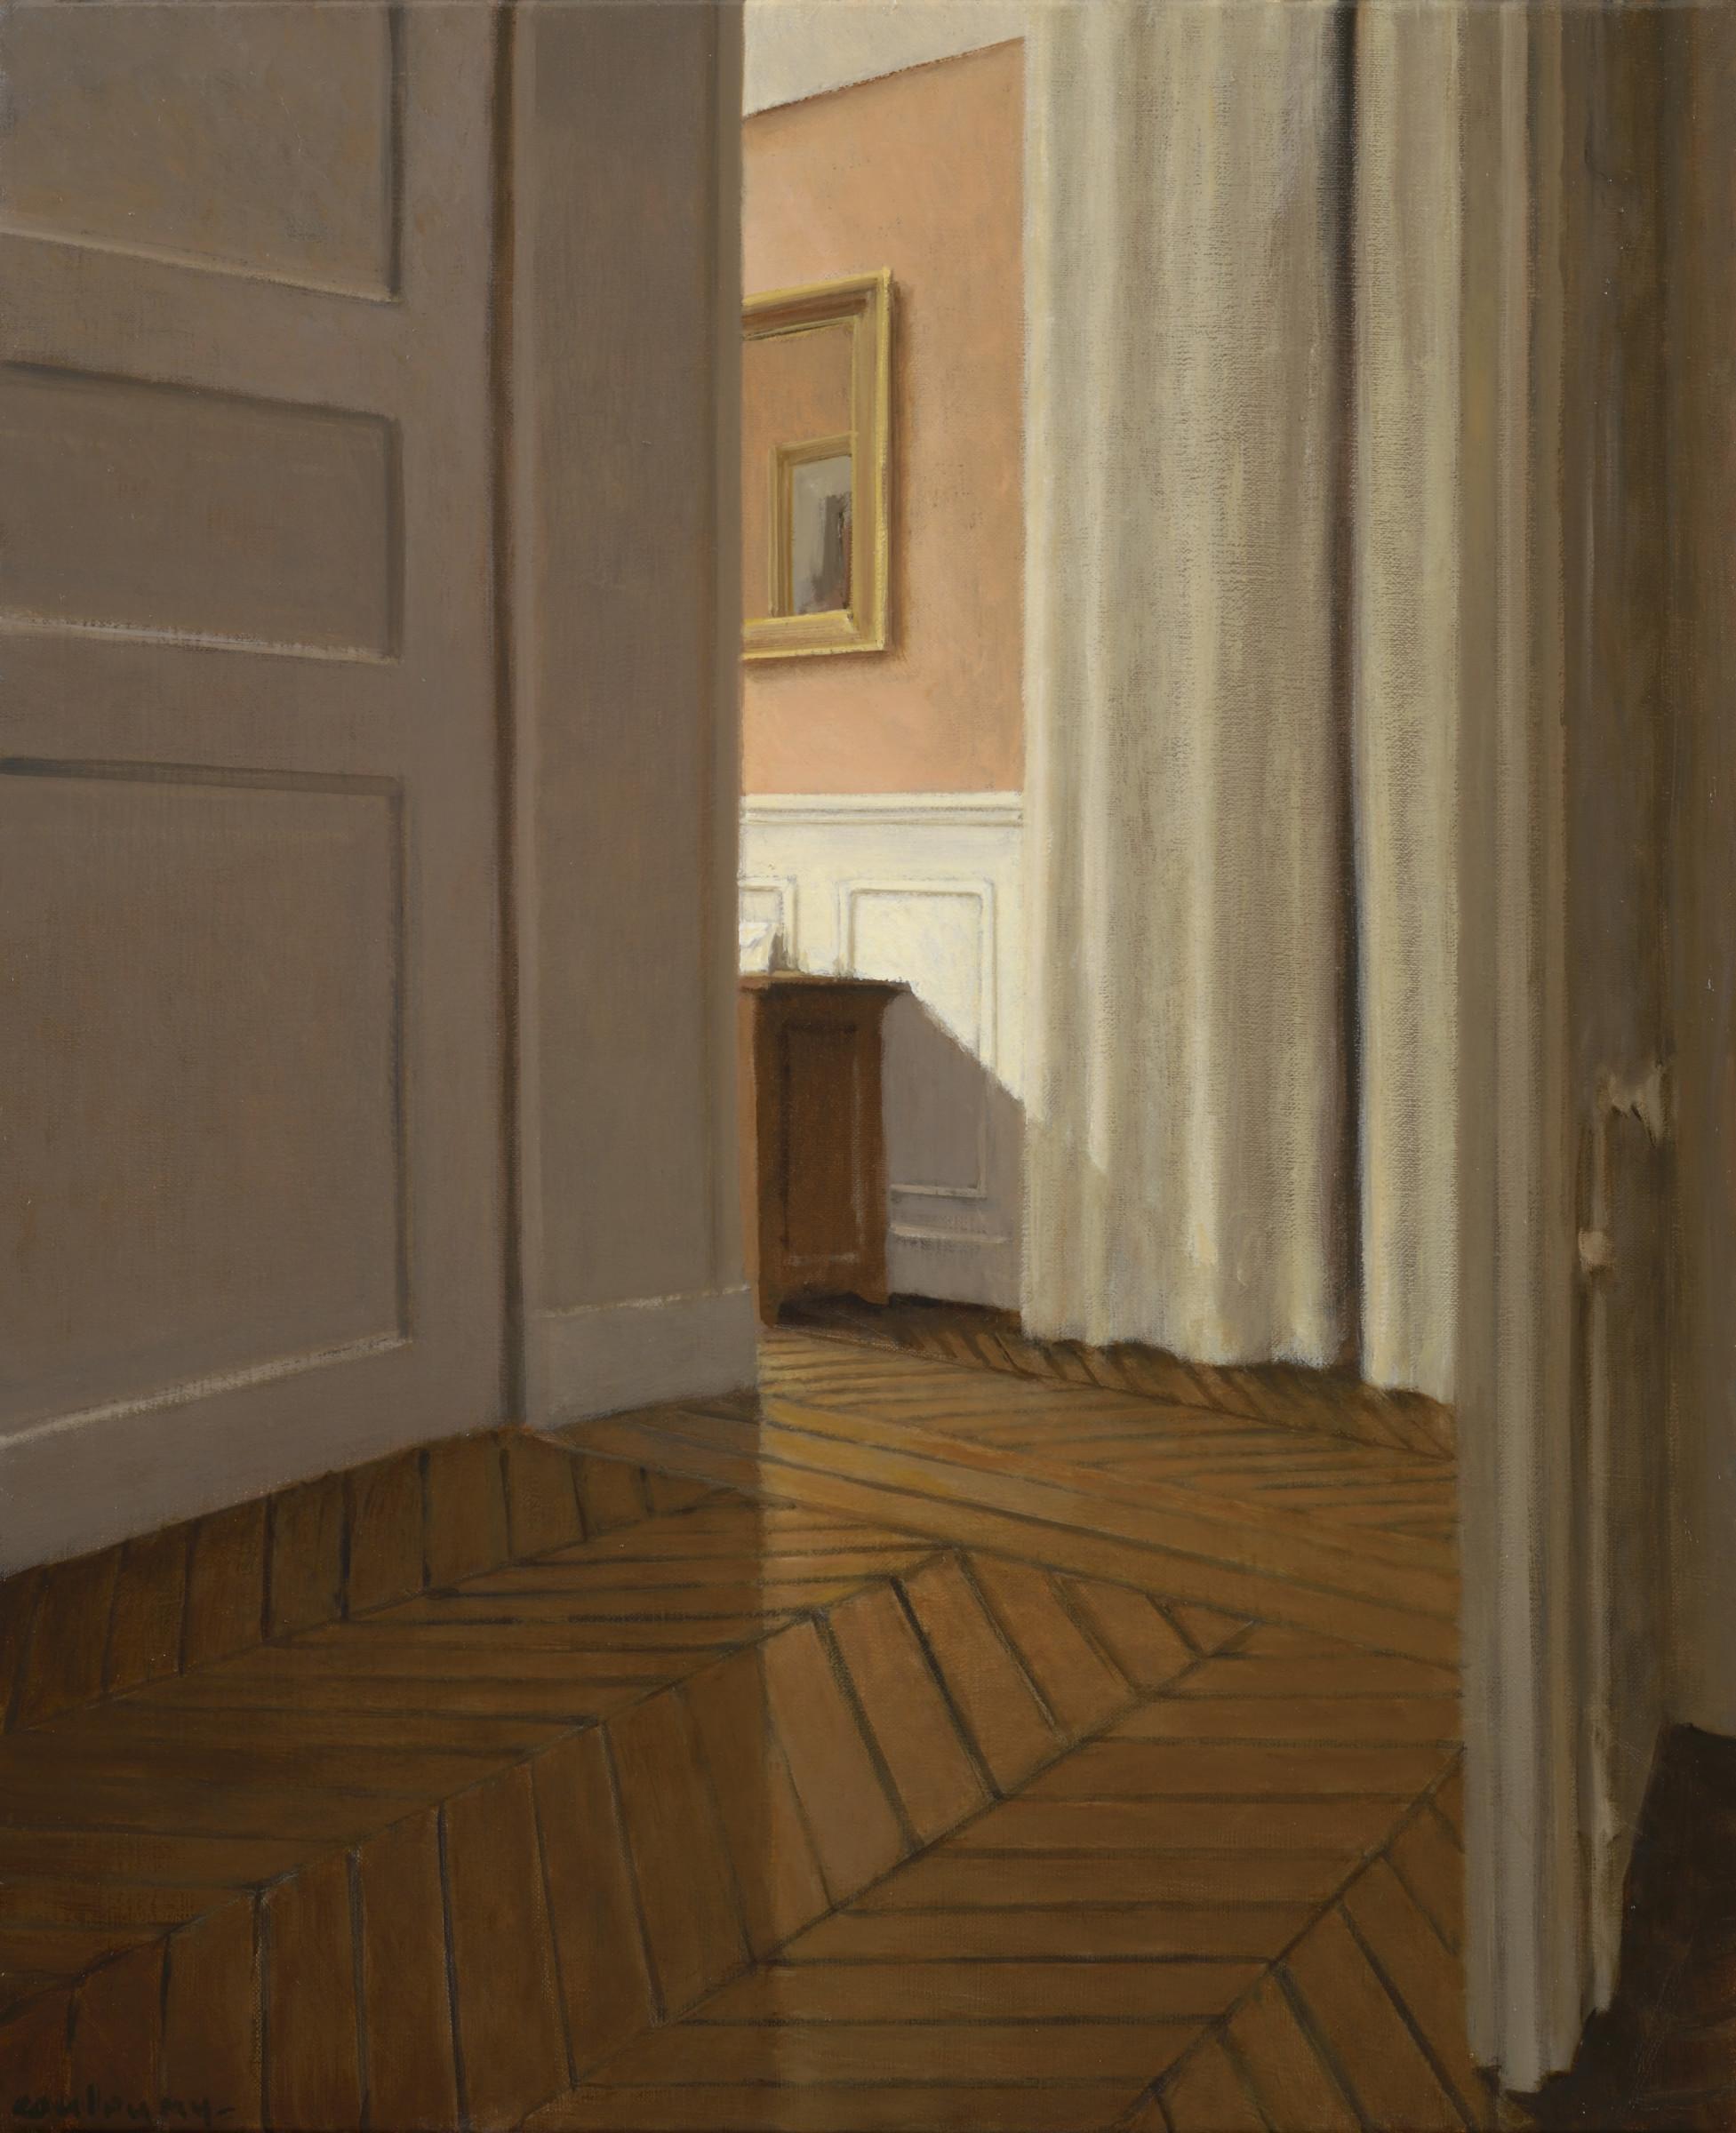 """<span class=""""link fancybox-details-link""""><a href=""""/exhibitions/9/works/artworks2001/"""">View Detail Page</a></span><div class=""""artist""""><strong>Anne–Françoise Couloumy</strong></div><div class=""""title""""><em>L'entrée rue Renan 2</em>, 2017</div><div class=""""medium"""">Oil on Canvas</div><div class=""""dimensions"""">46 x 38 cm<br>18 1/8 x 15 in.</div>"""